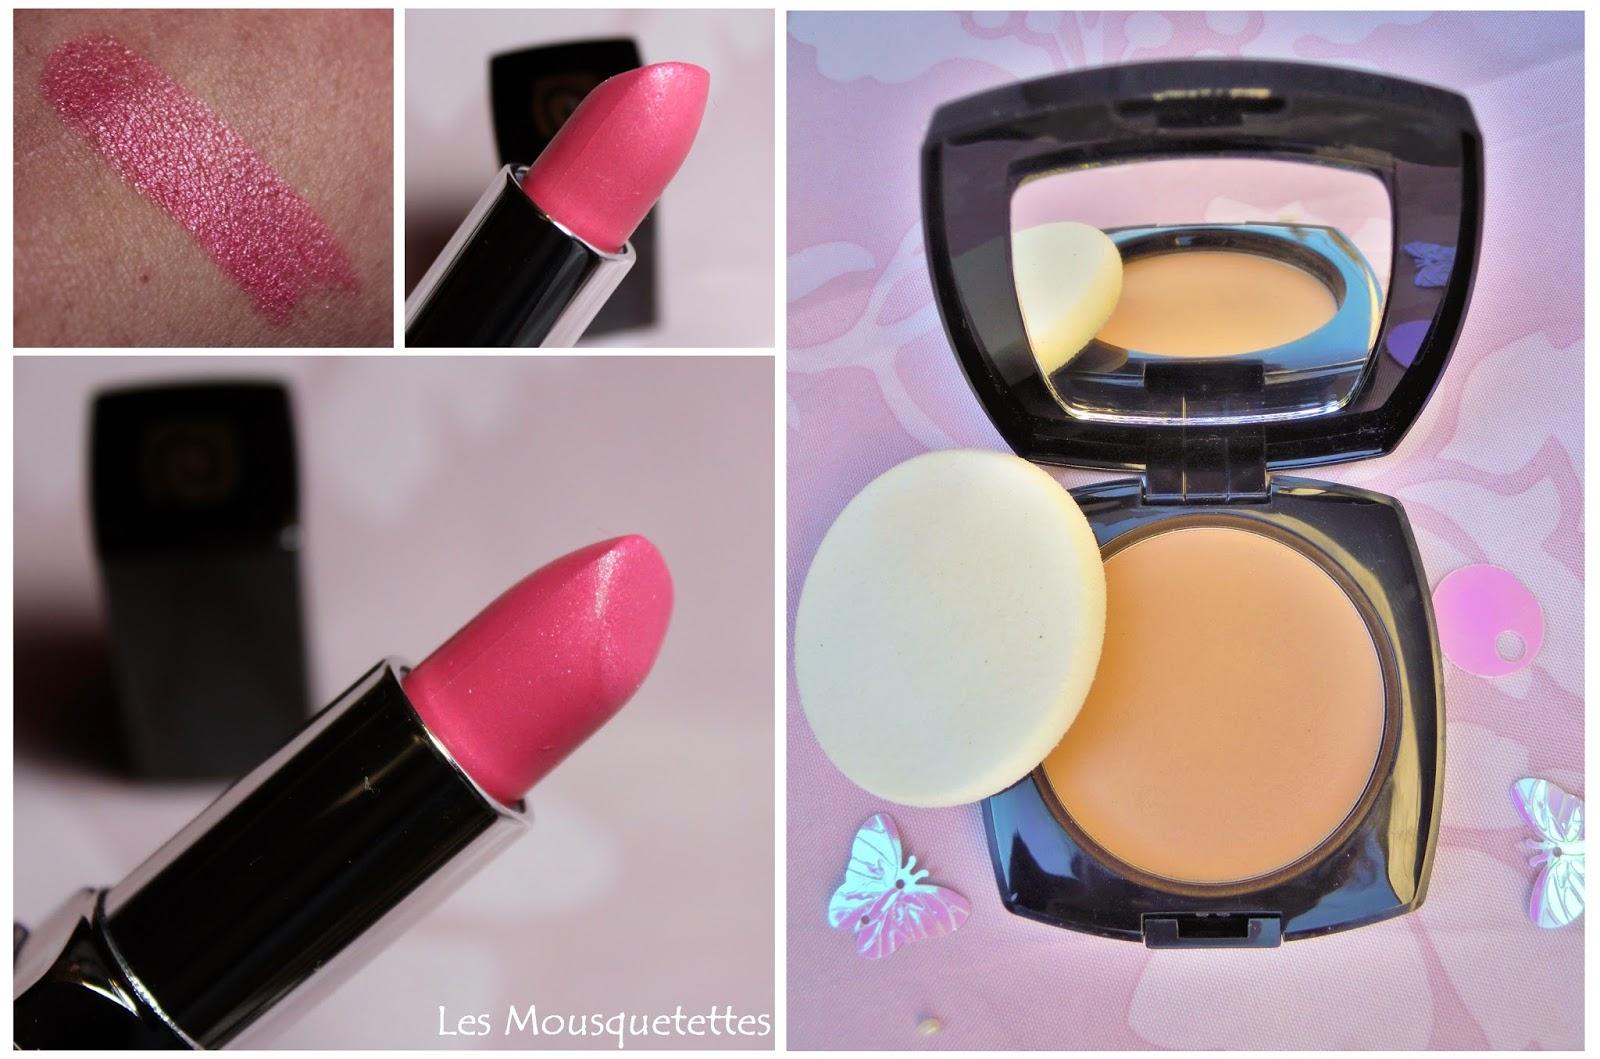 Makeup Elissance Paris - Les Mousquetettes©